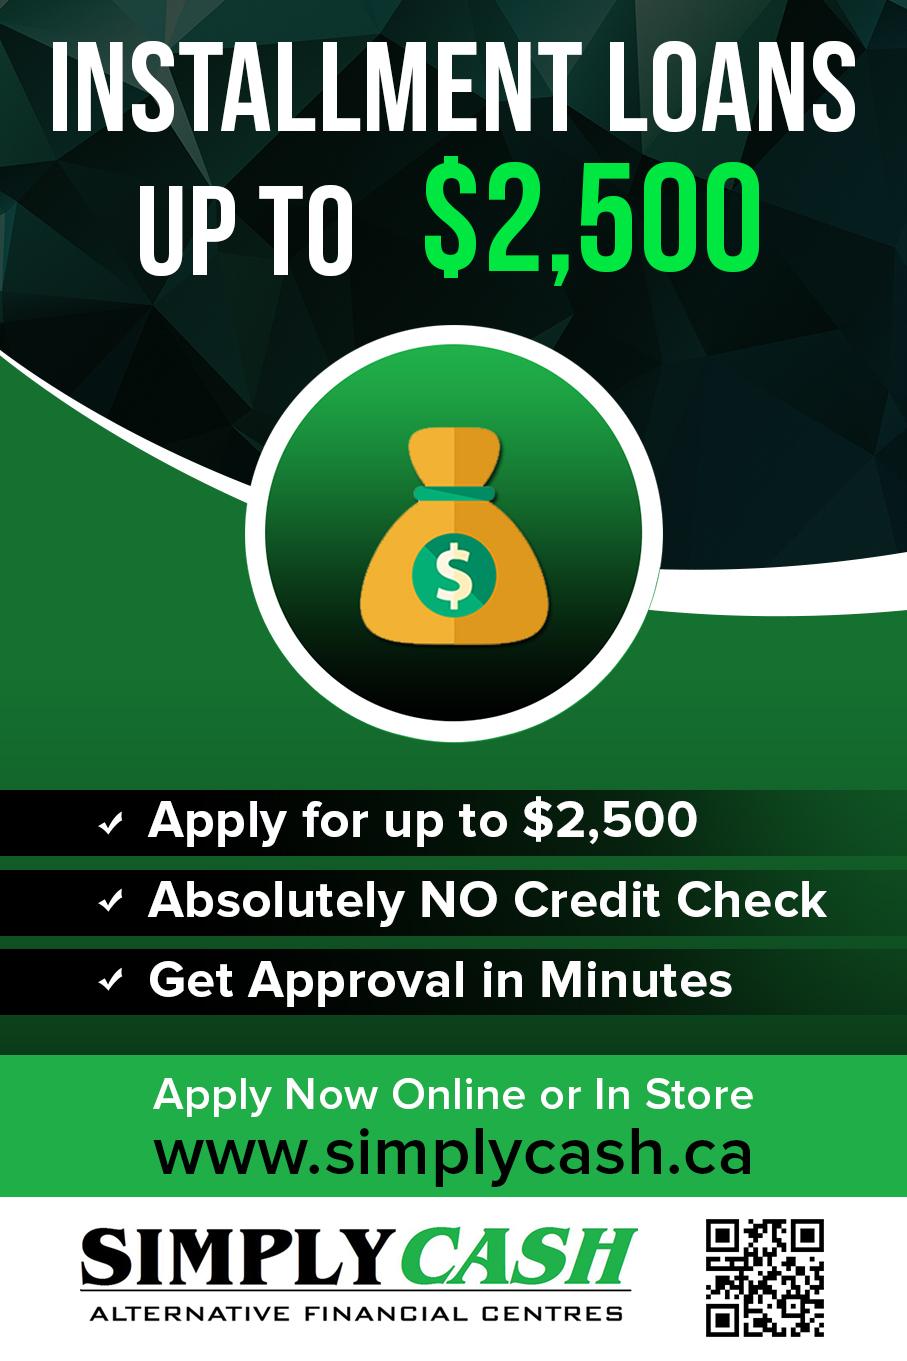 Installment-loan.jpg